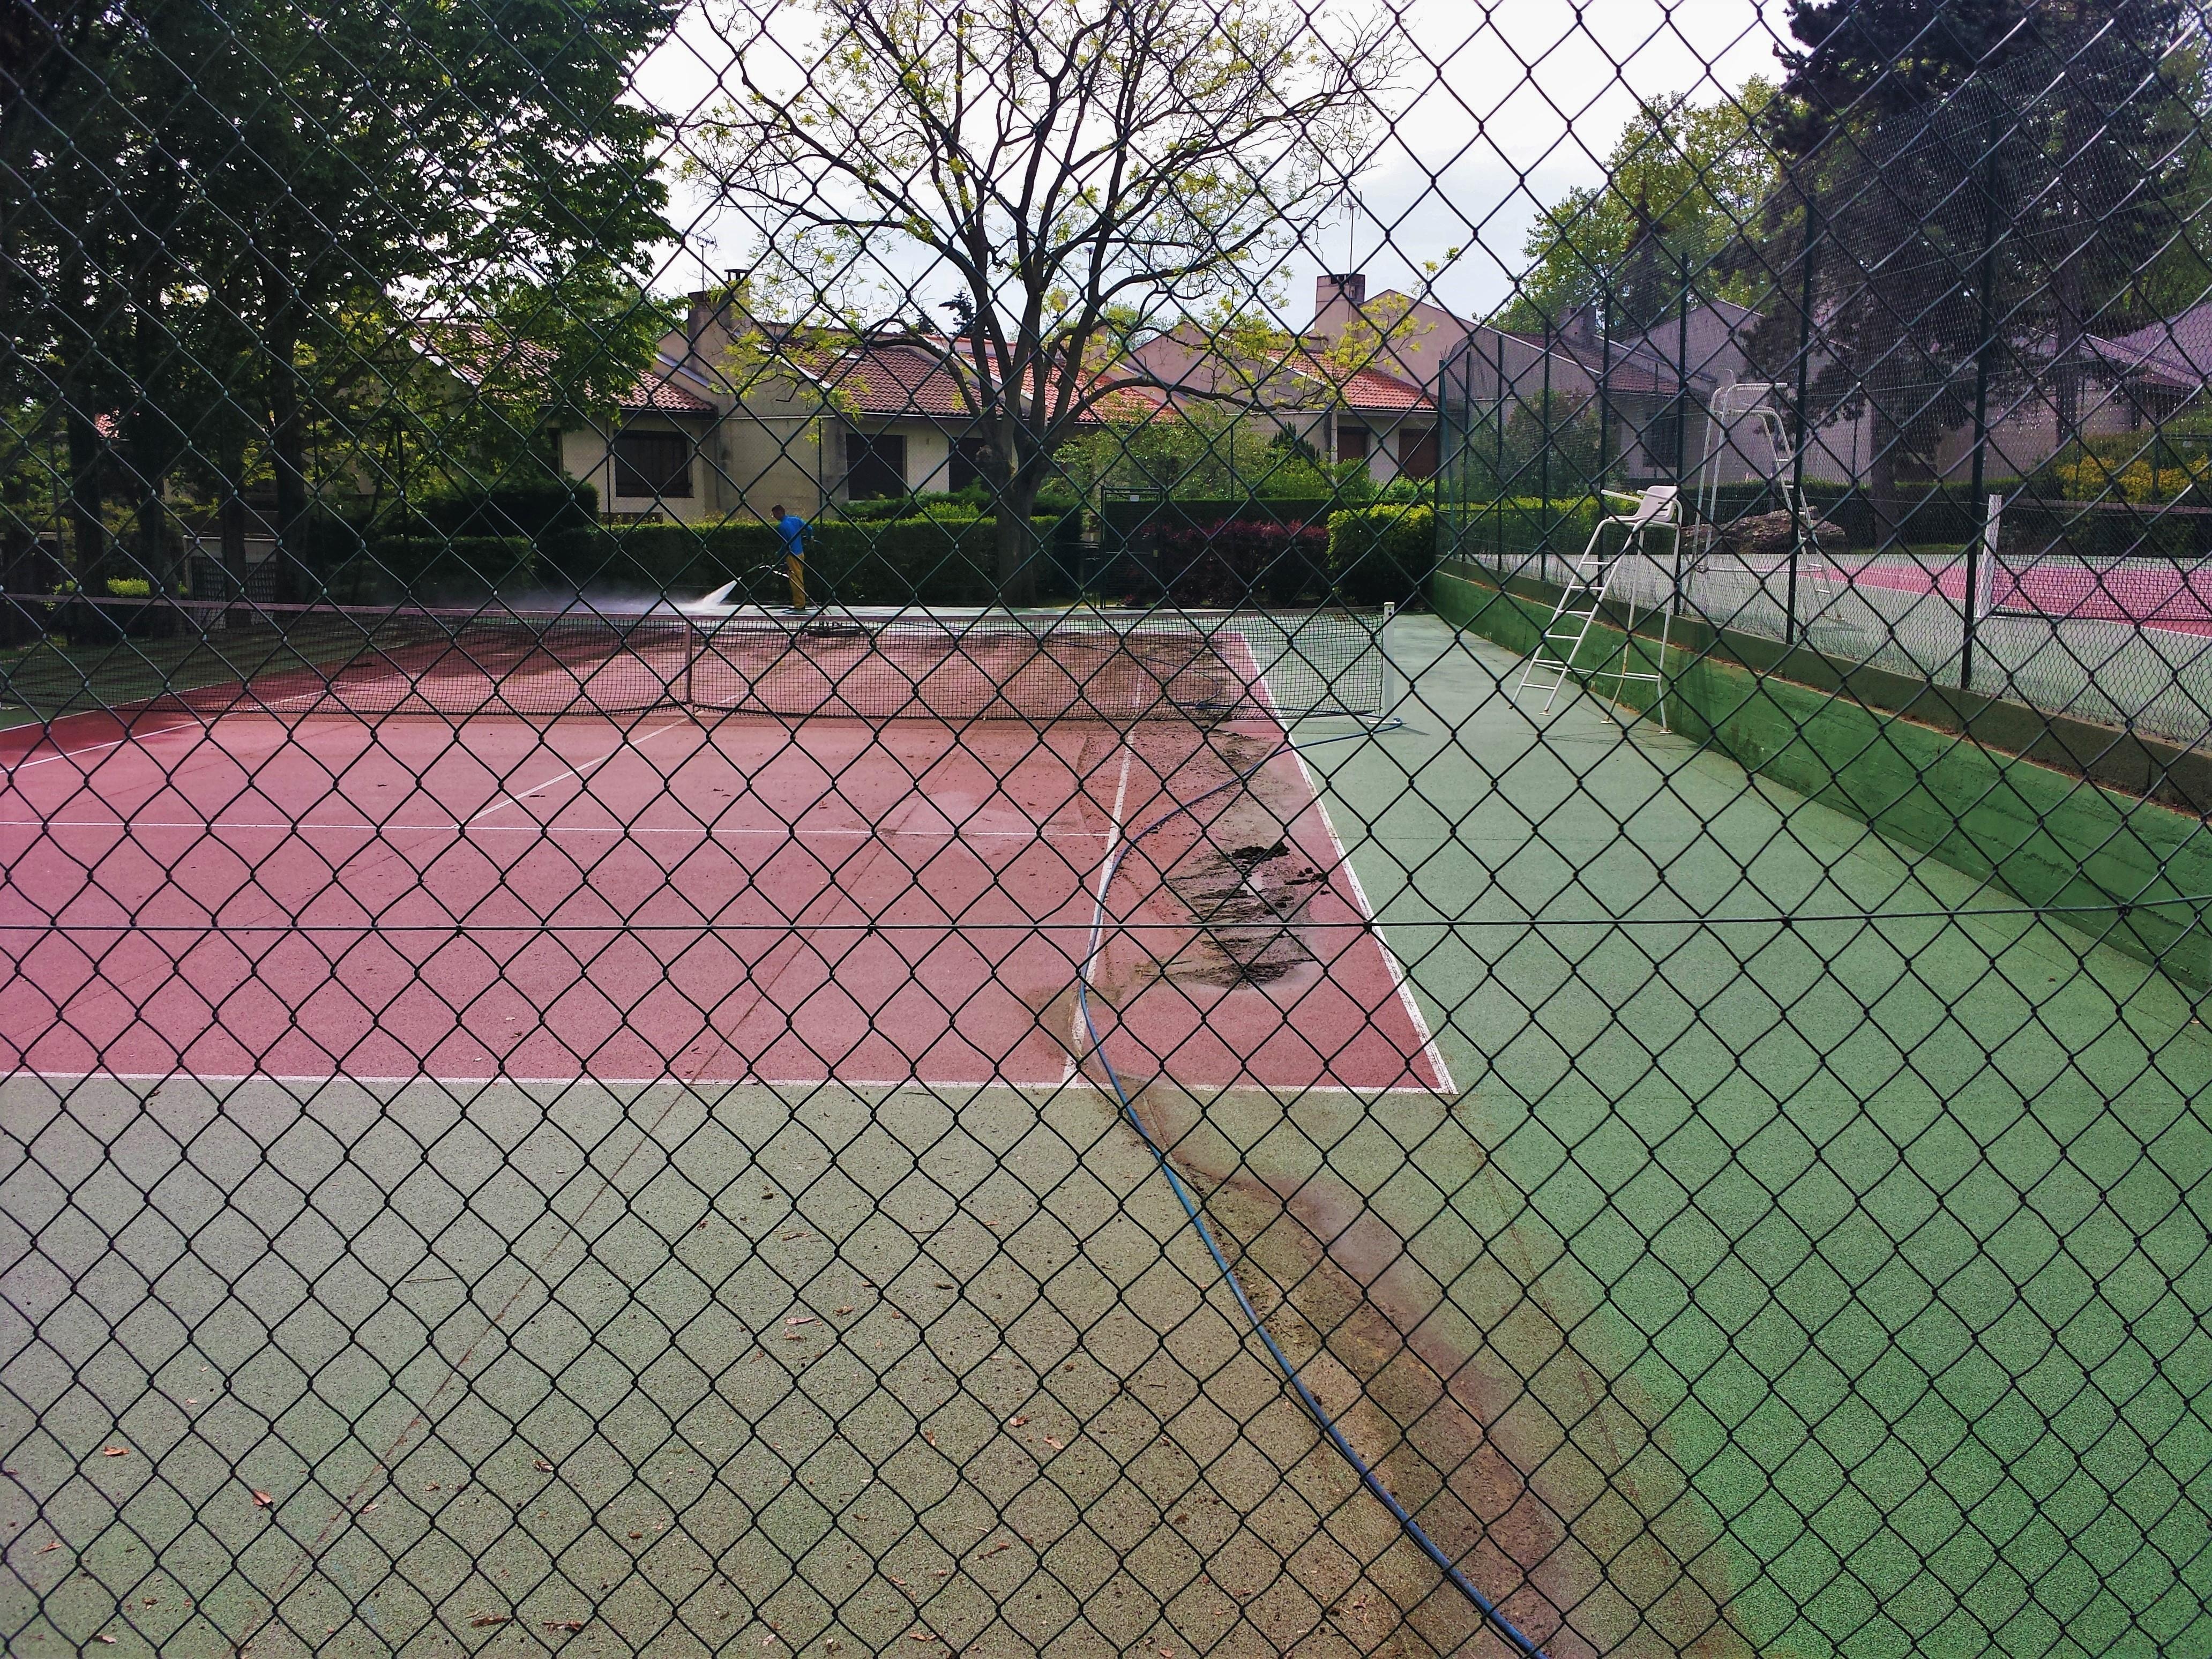 2017-05 nettoyage terrain de tennis